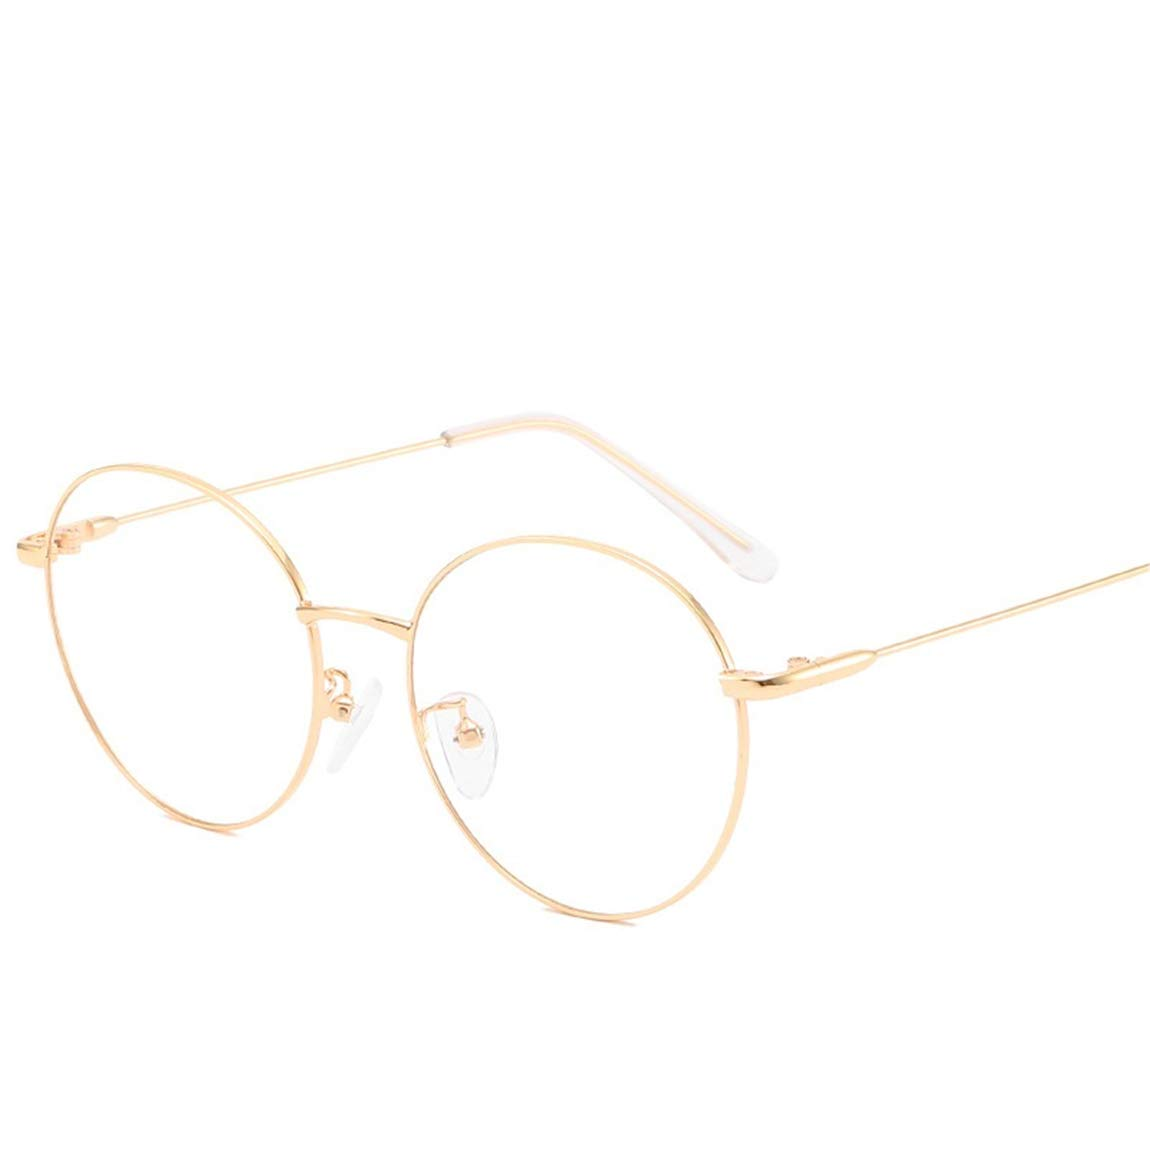 JIUPO Unisex Silber Und Schwarz Brille Ohne Sehst/ärke Beatles Retro Runde Sixties Style Metall Brillen Klare Linse